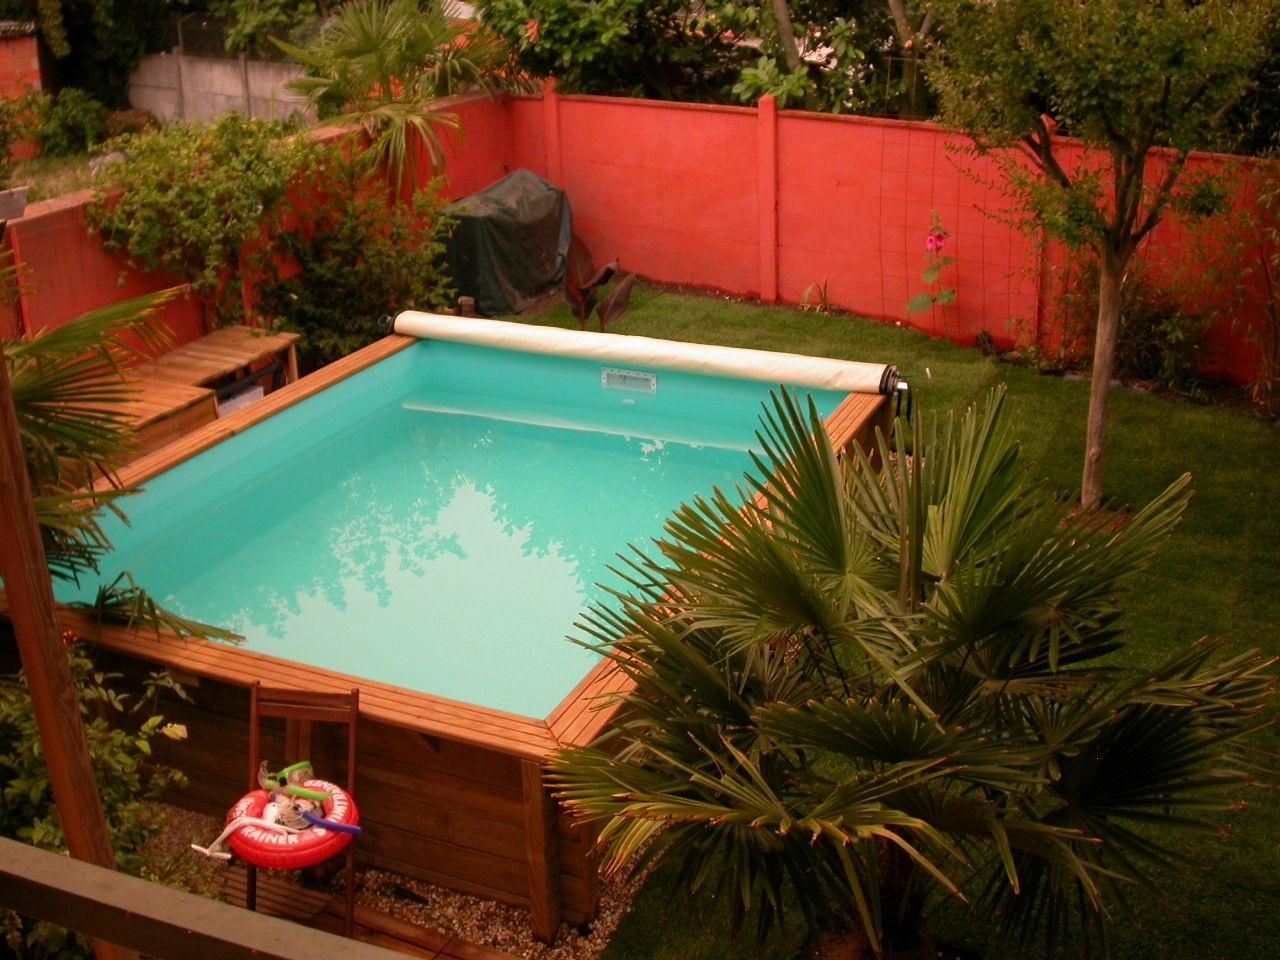 Vente de mini piscine en bois carrée en kit Difloisirs